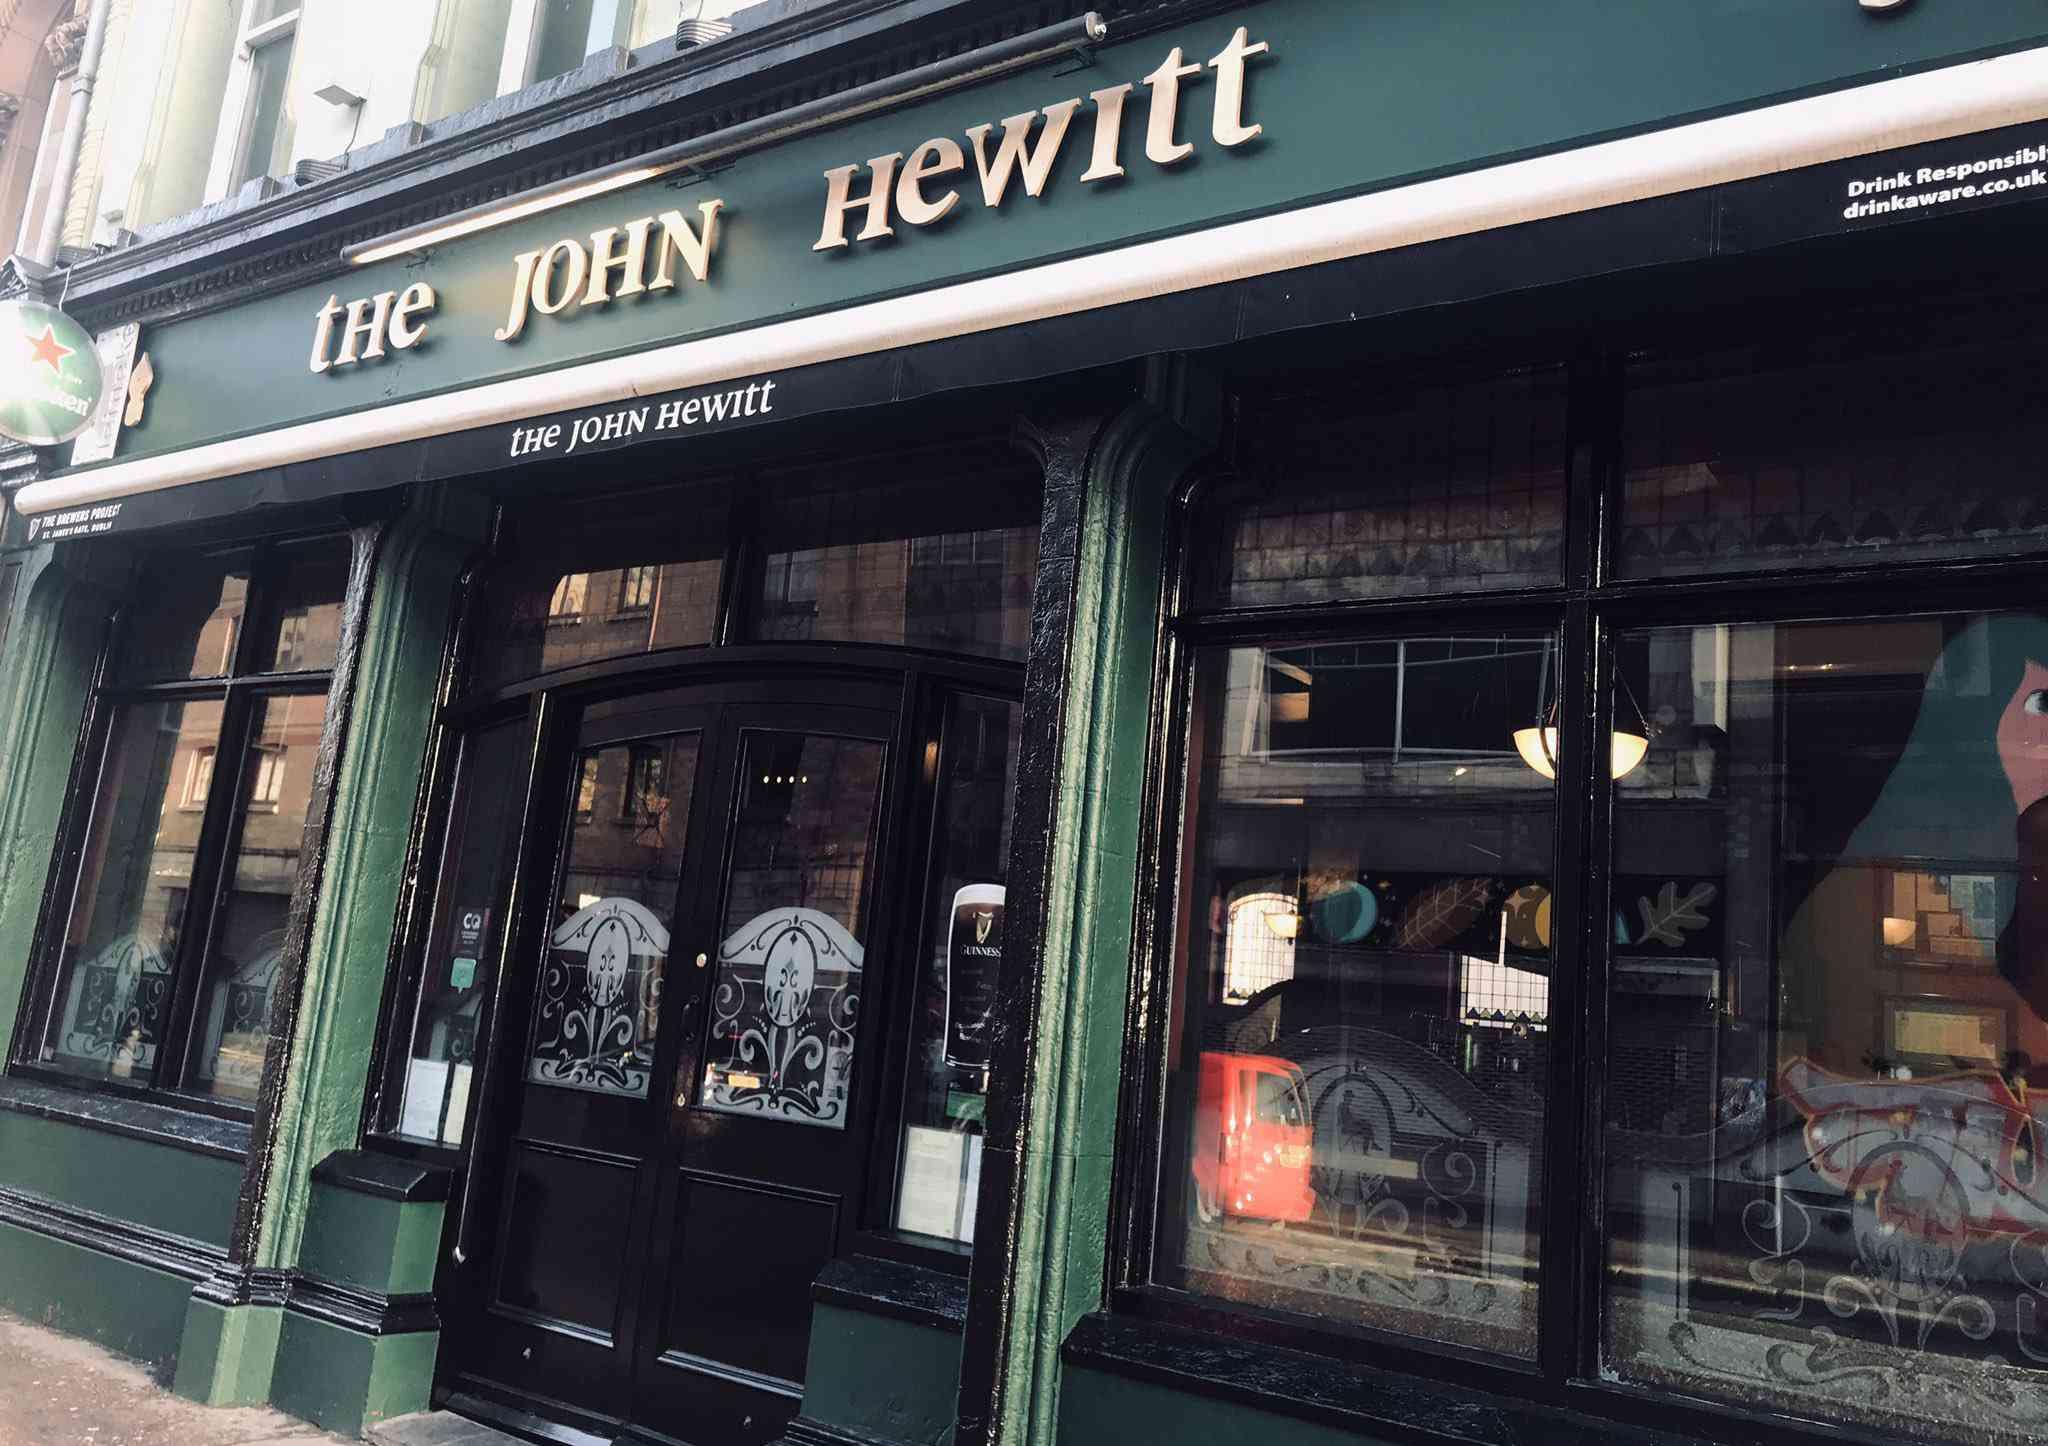 exterior of Irish pub